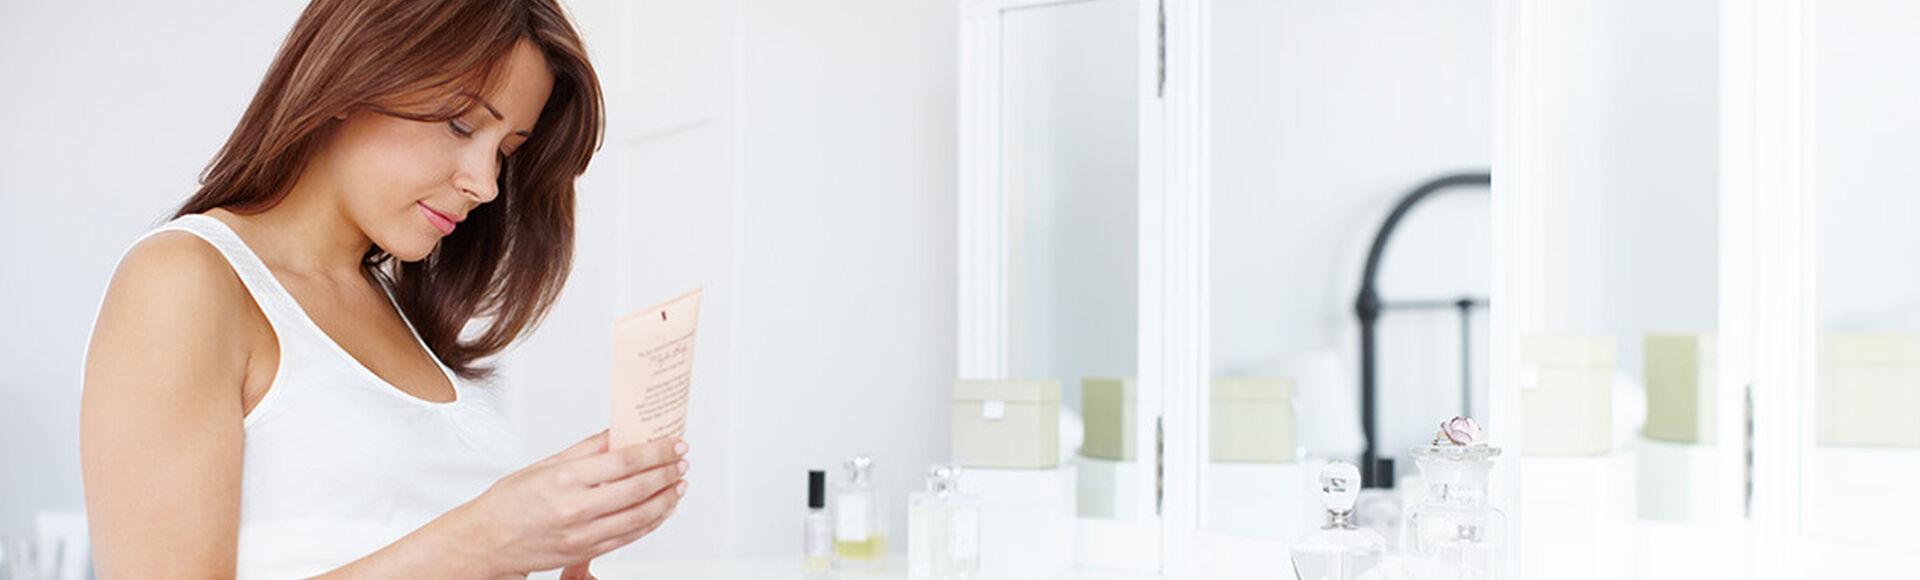 ¿Cómo hidratar los pechos durante la lactancia? | Más Abrazos by Huggies